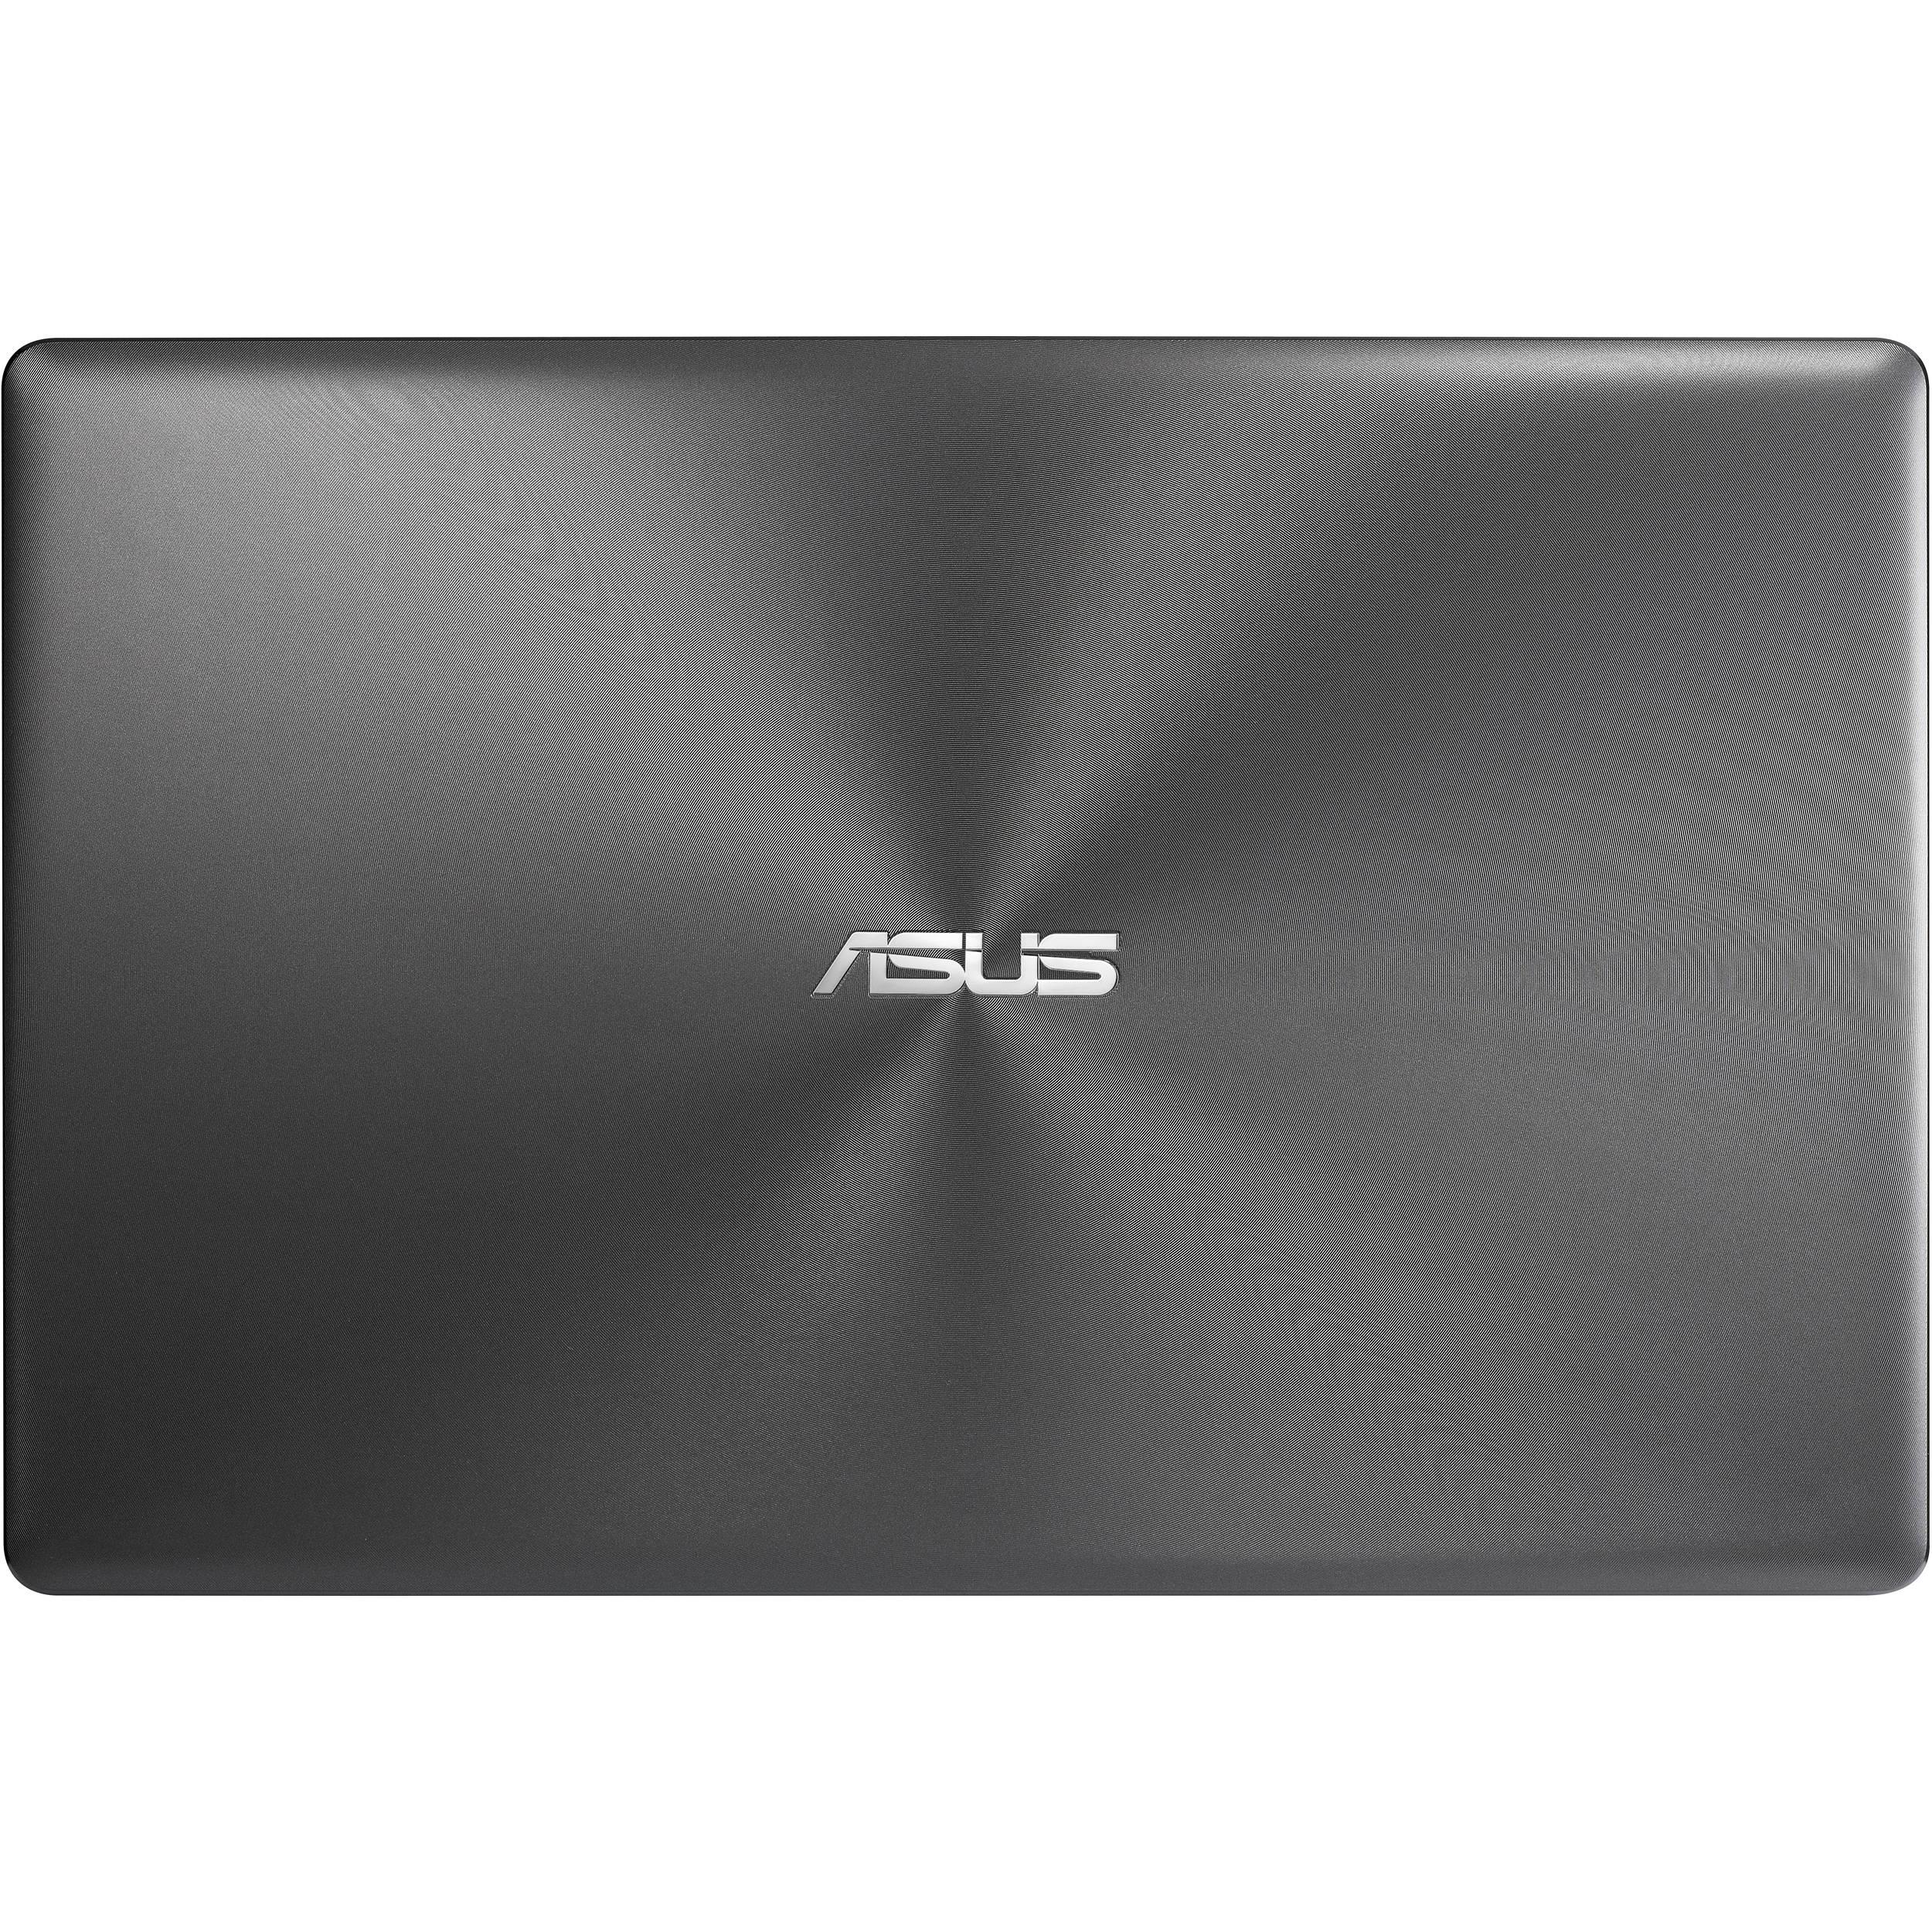 Asus R510dp Fh11 15 6 Laptop Computer R510dp Fh11 B H